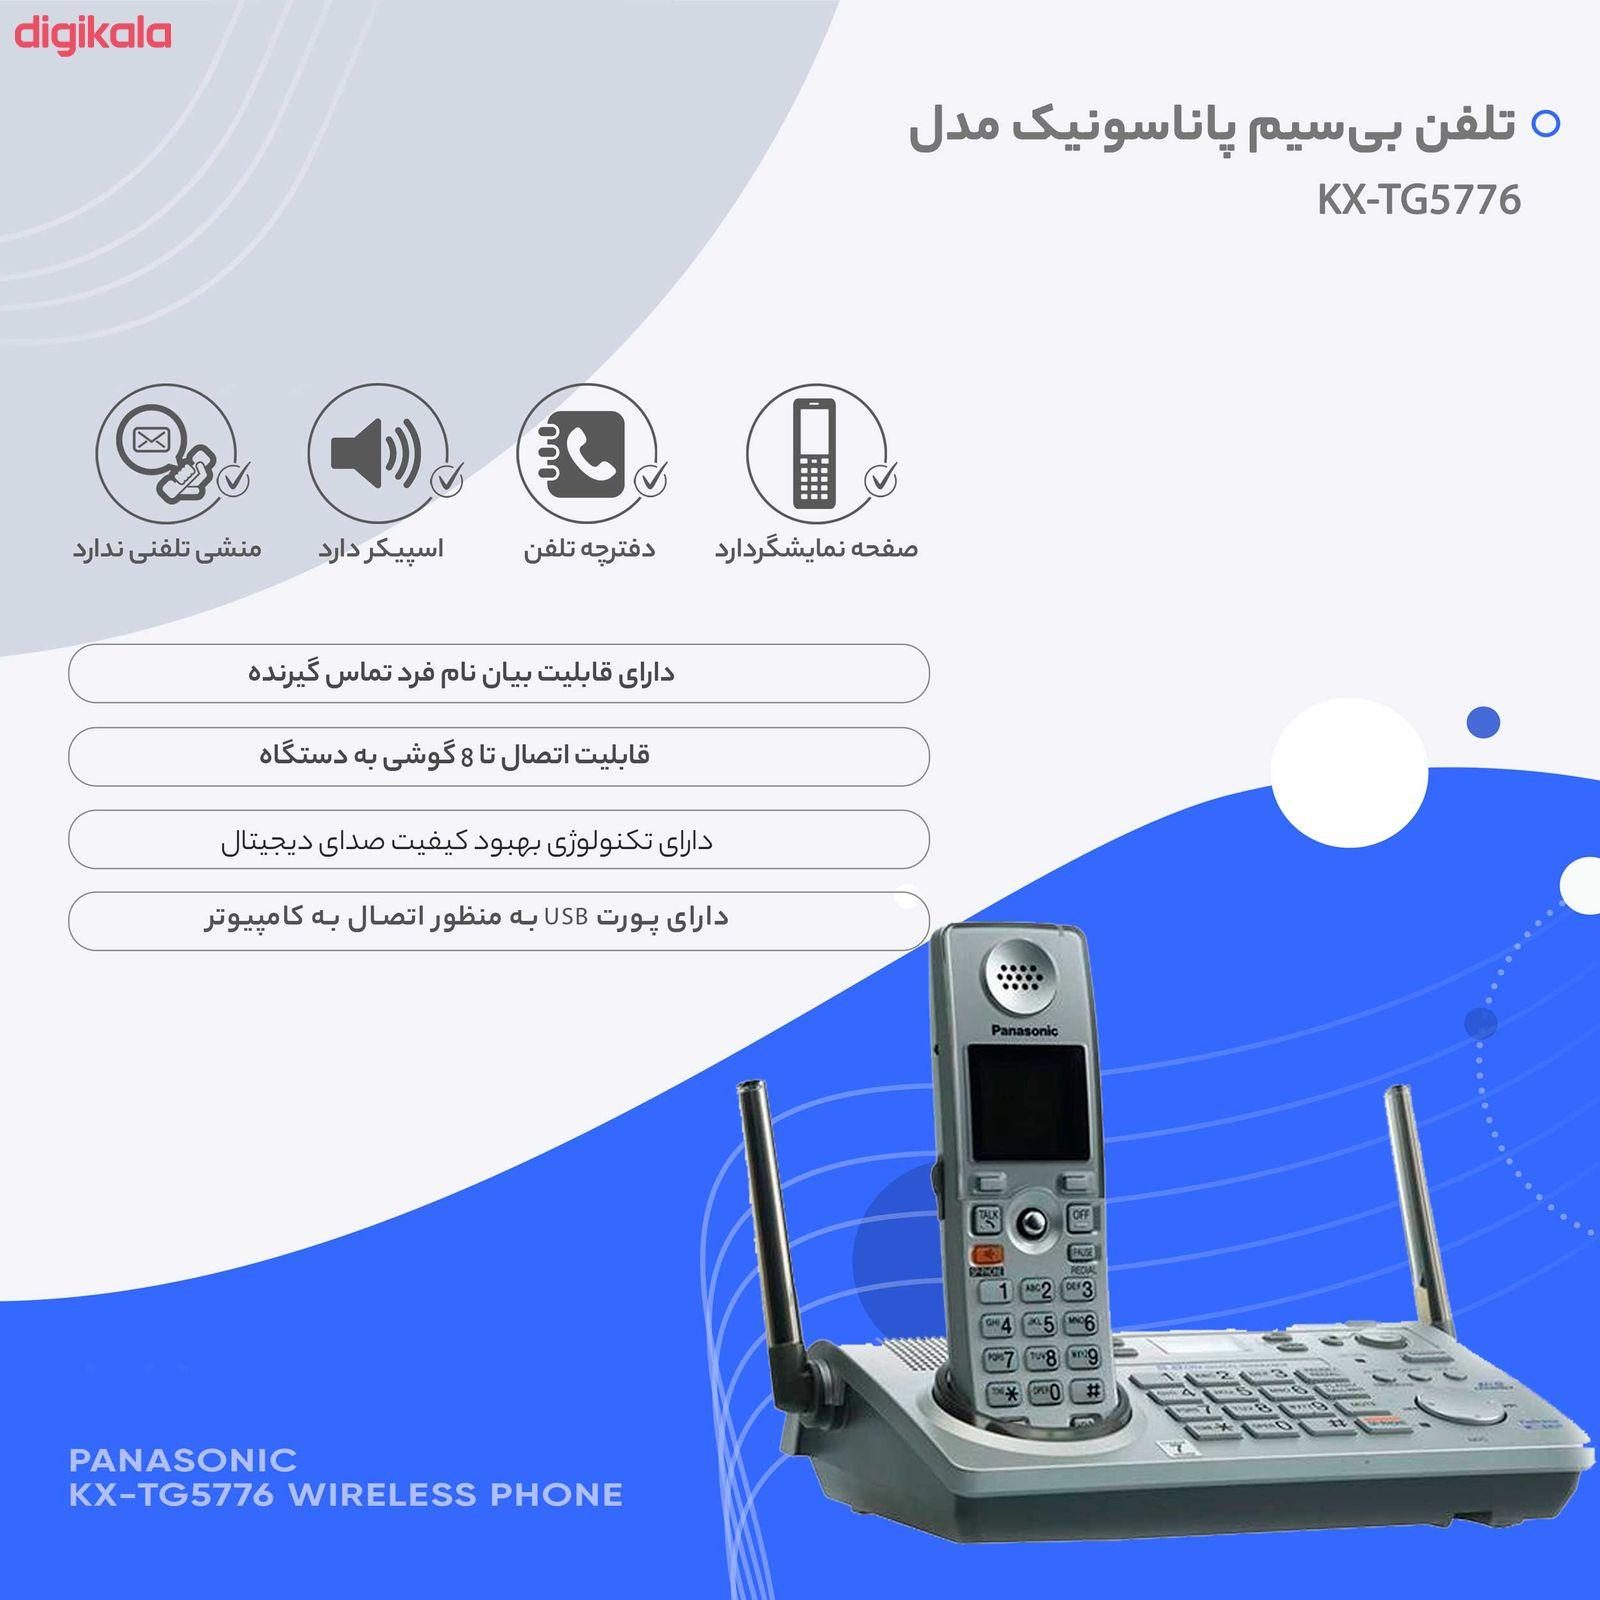 تلفن پاناسونیک مدل KX-TG5776 main 1 3